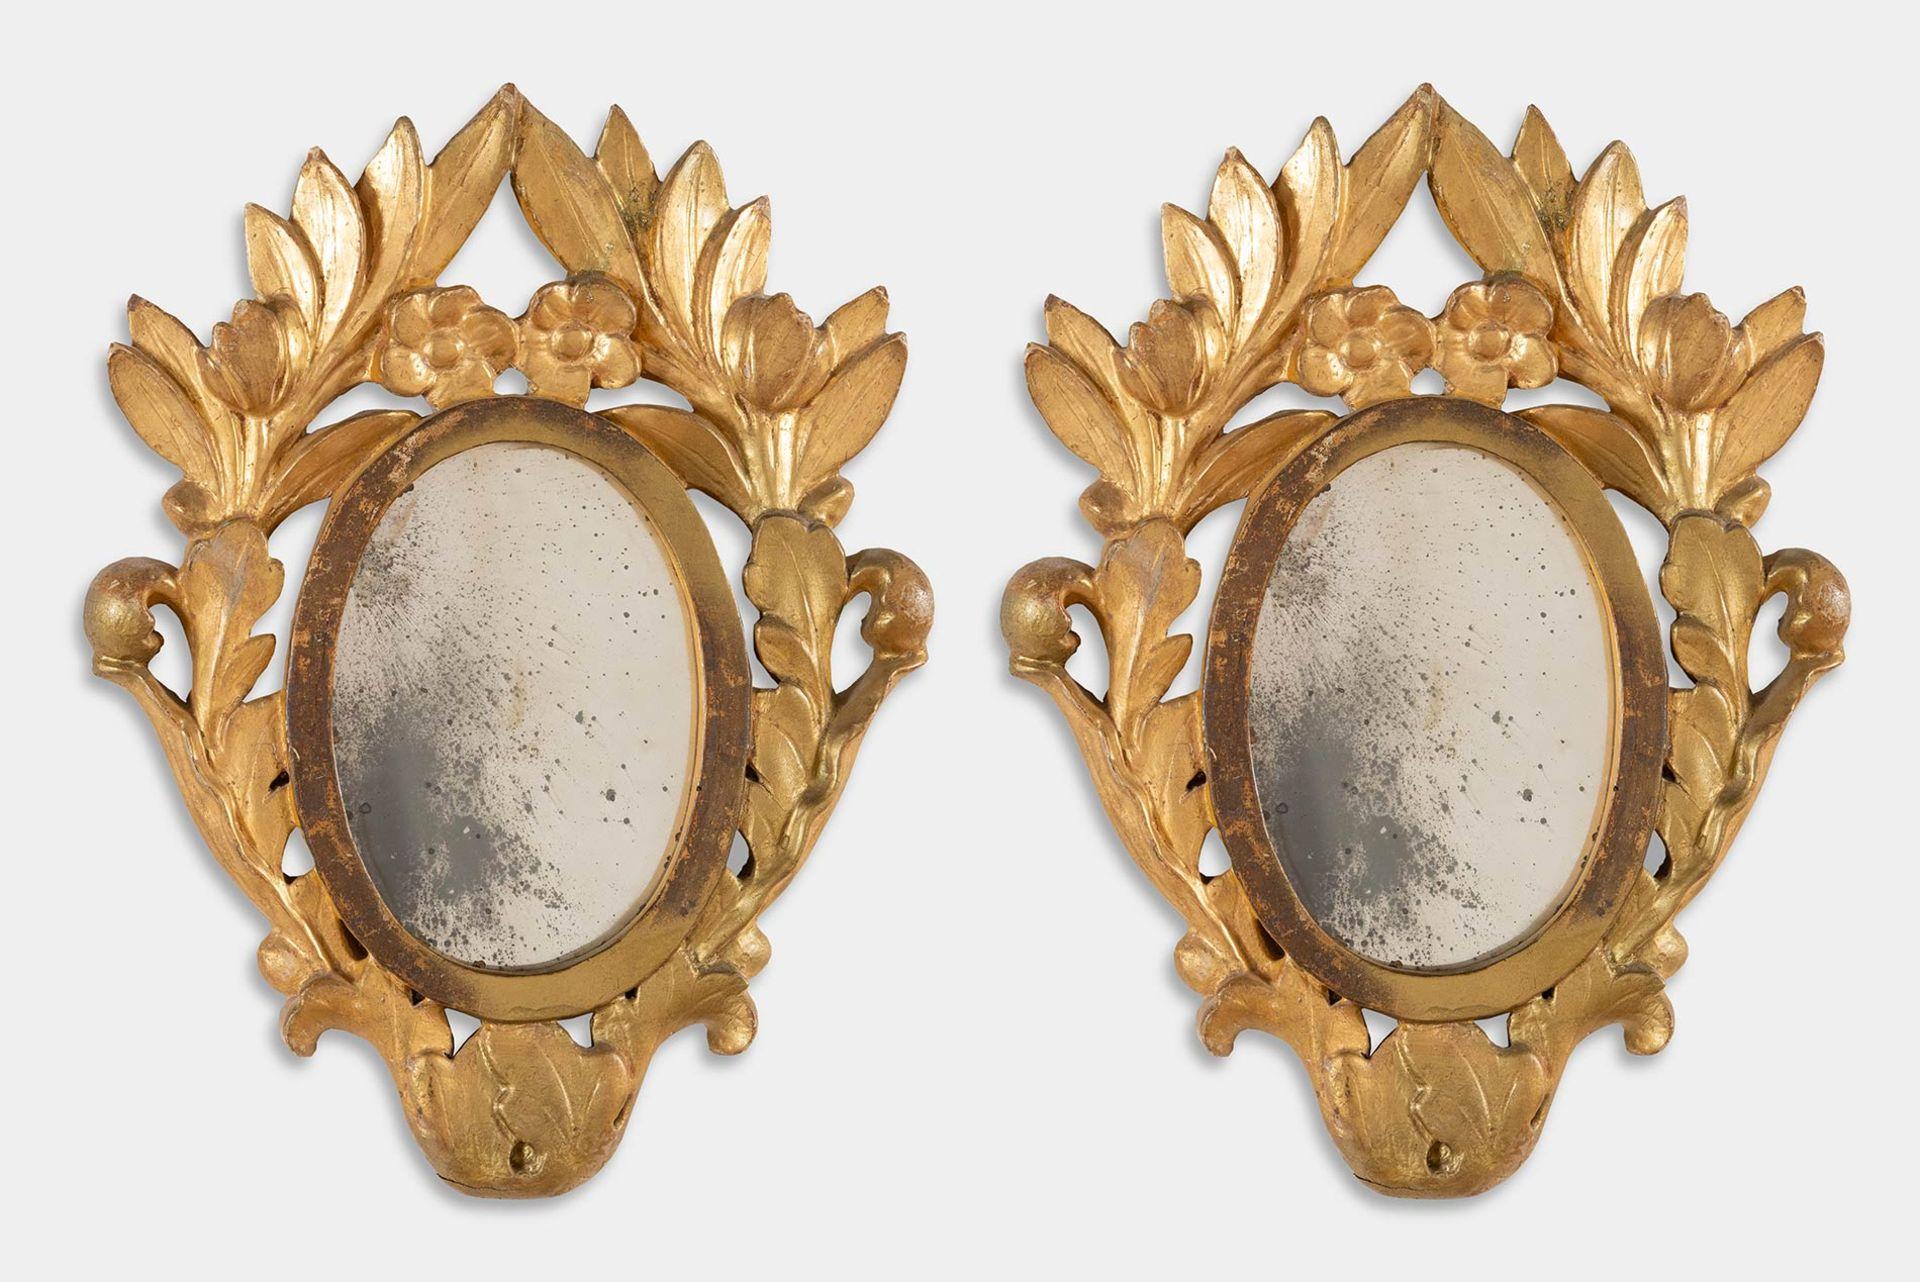 Los 41 - Coppia di specchierine ovali in legno intagliato e dorato, seconda metà del XIX sec.